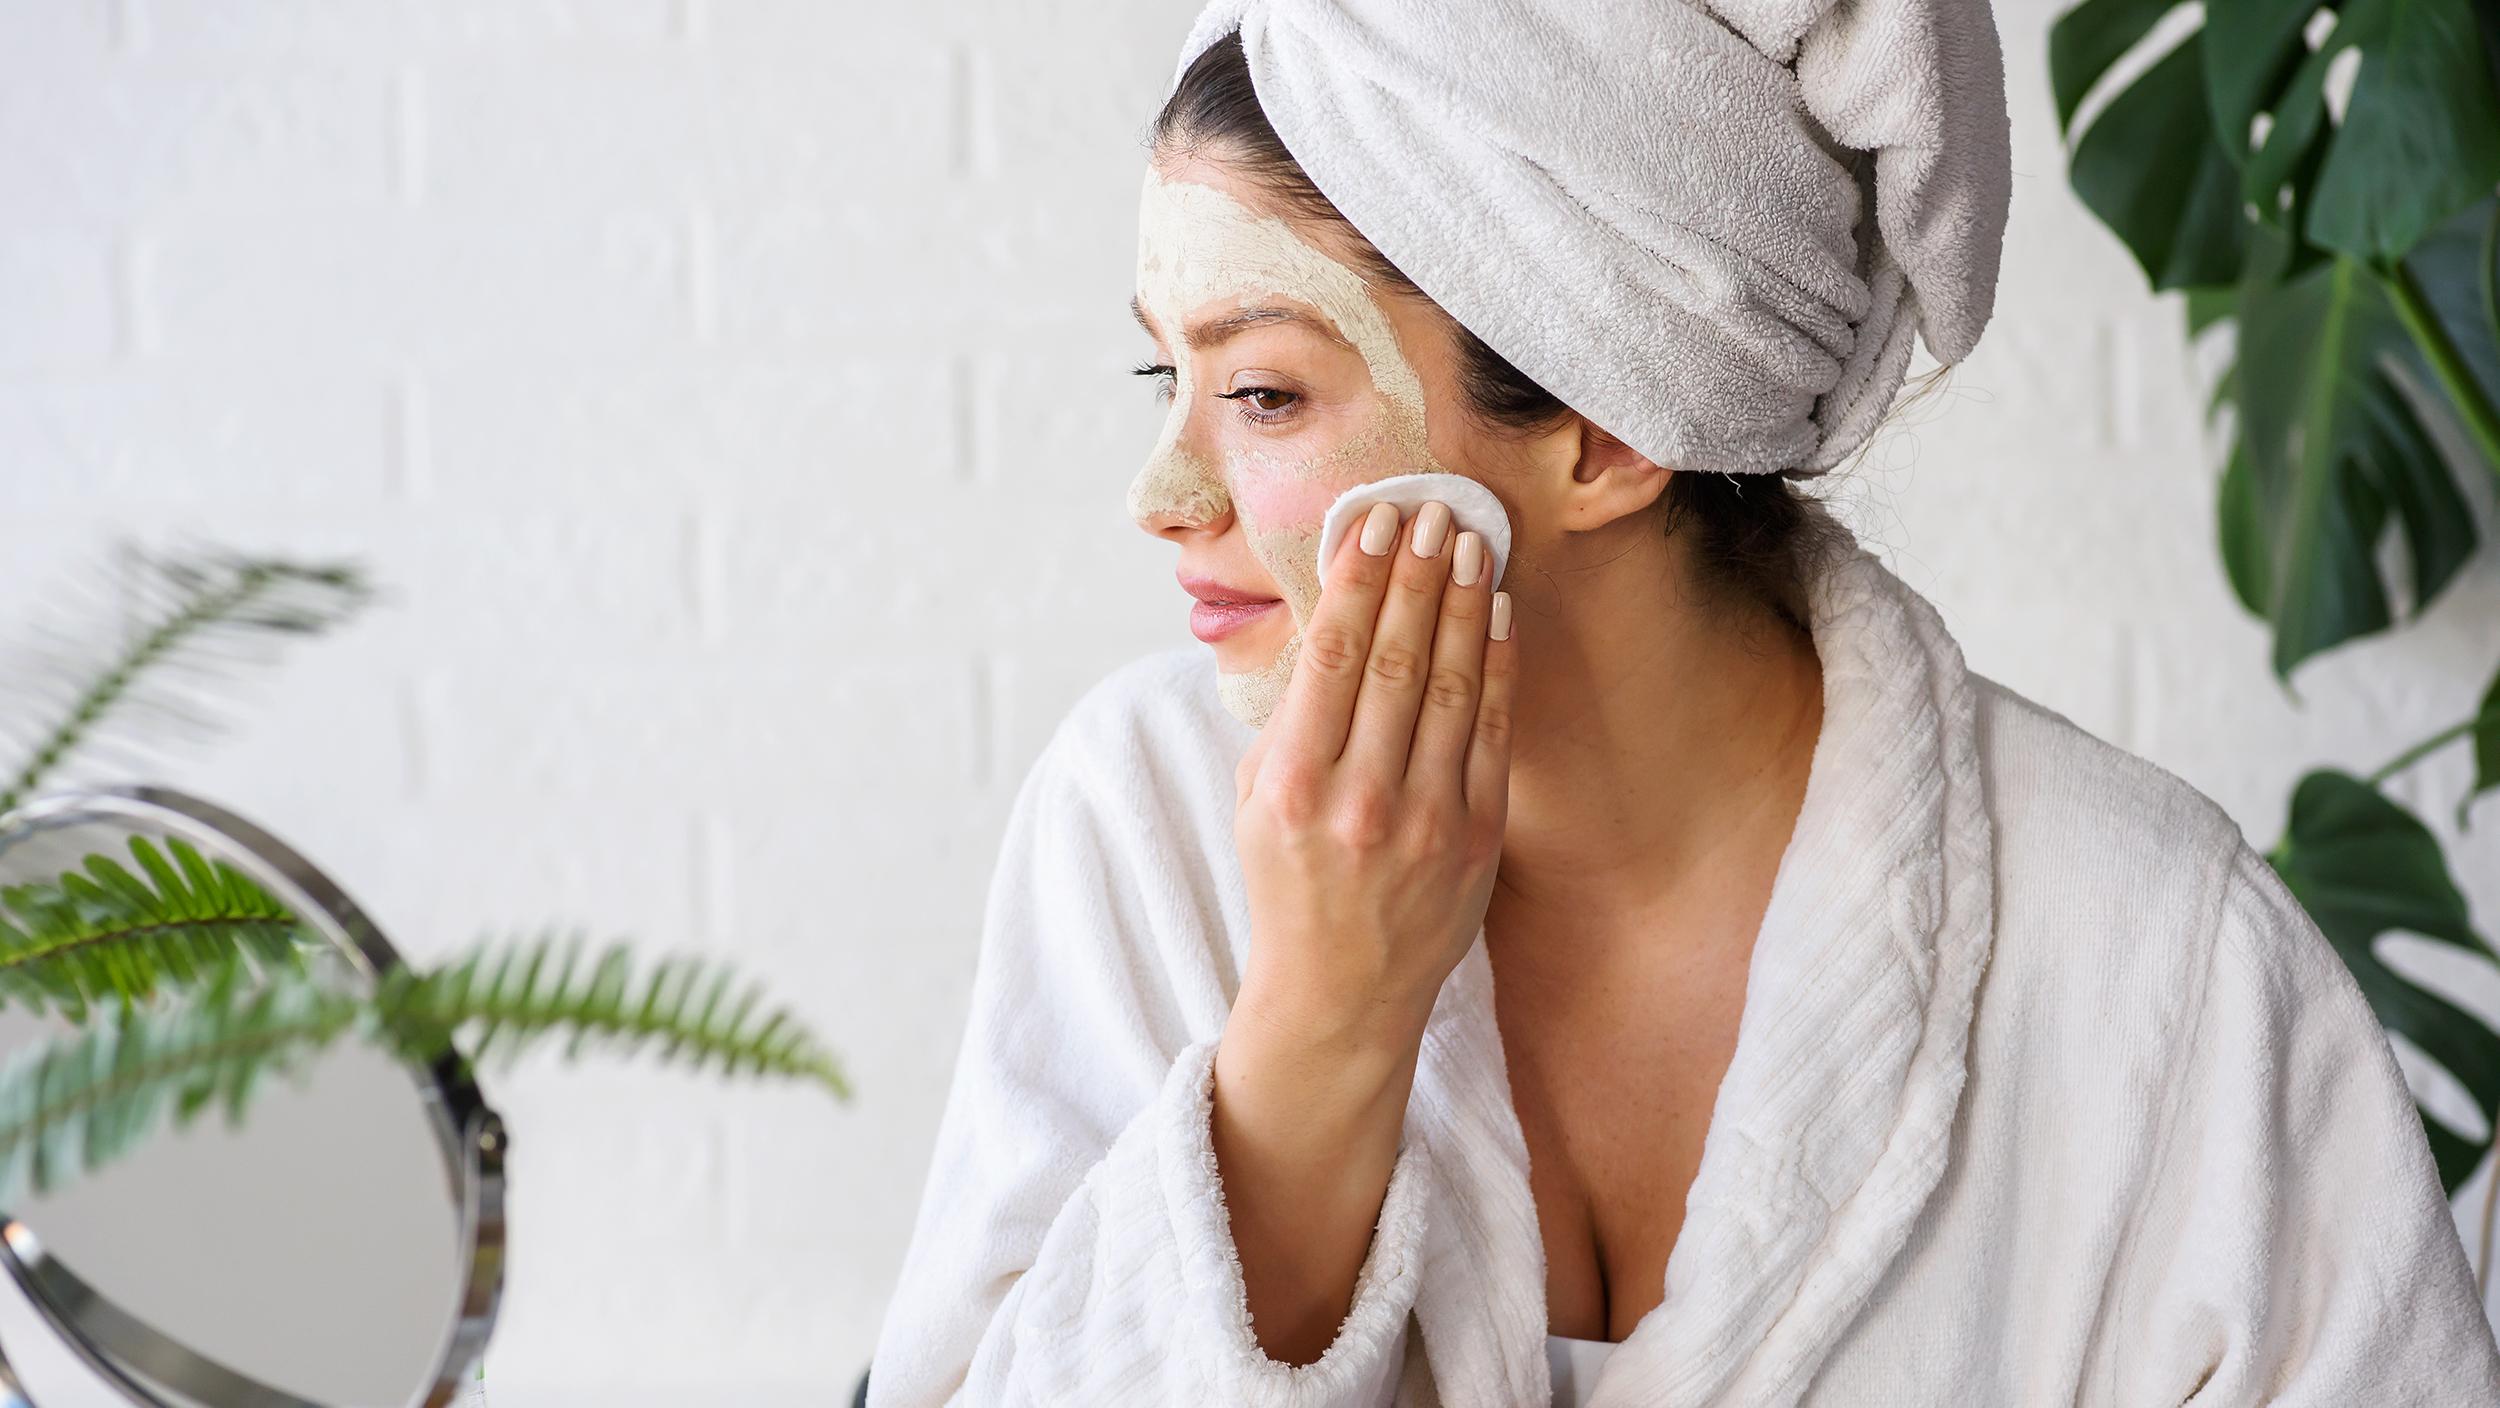 13 مورد از بهترین برندهای مراقبت از پوست دنیا در سال 2021